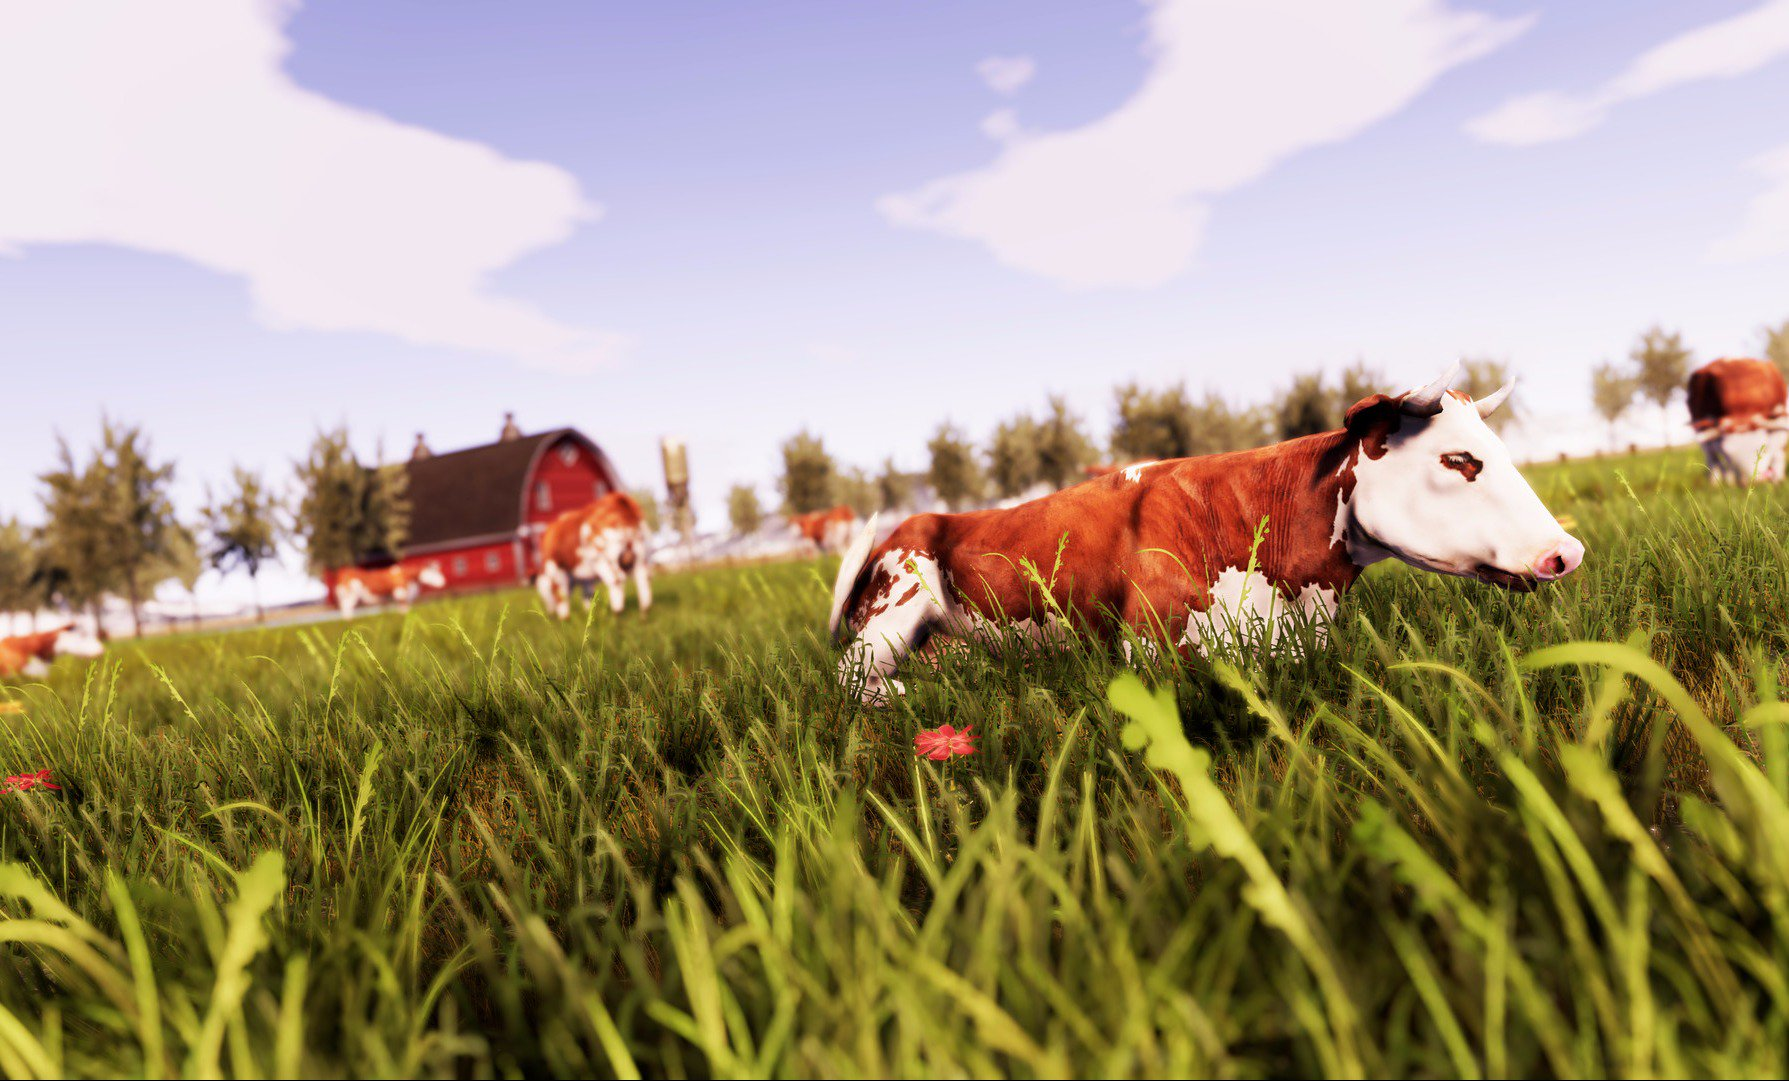 кузьминках масштабно красивые фермерские хозяйства фото фото разные